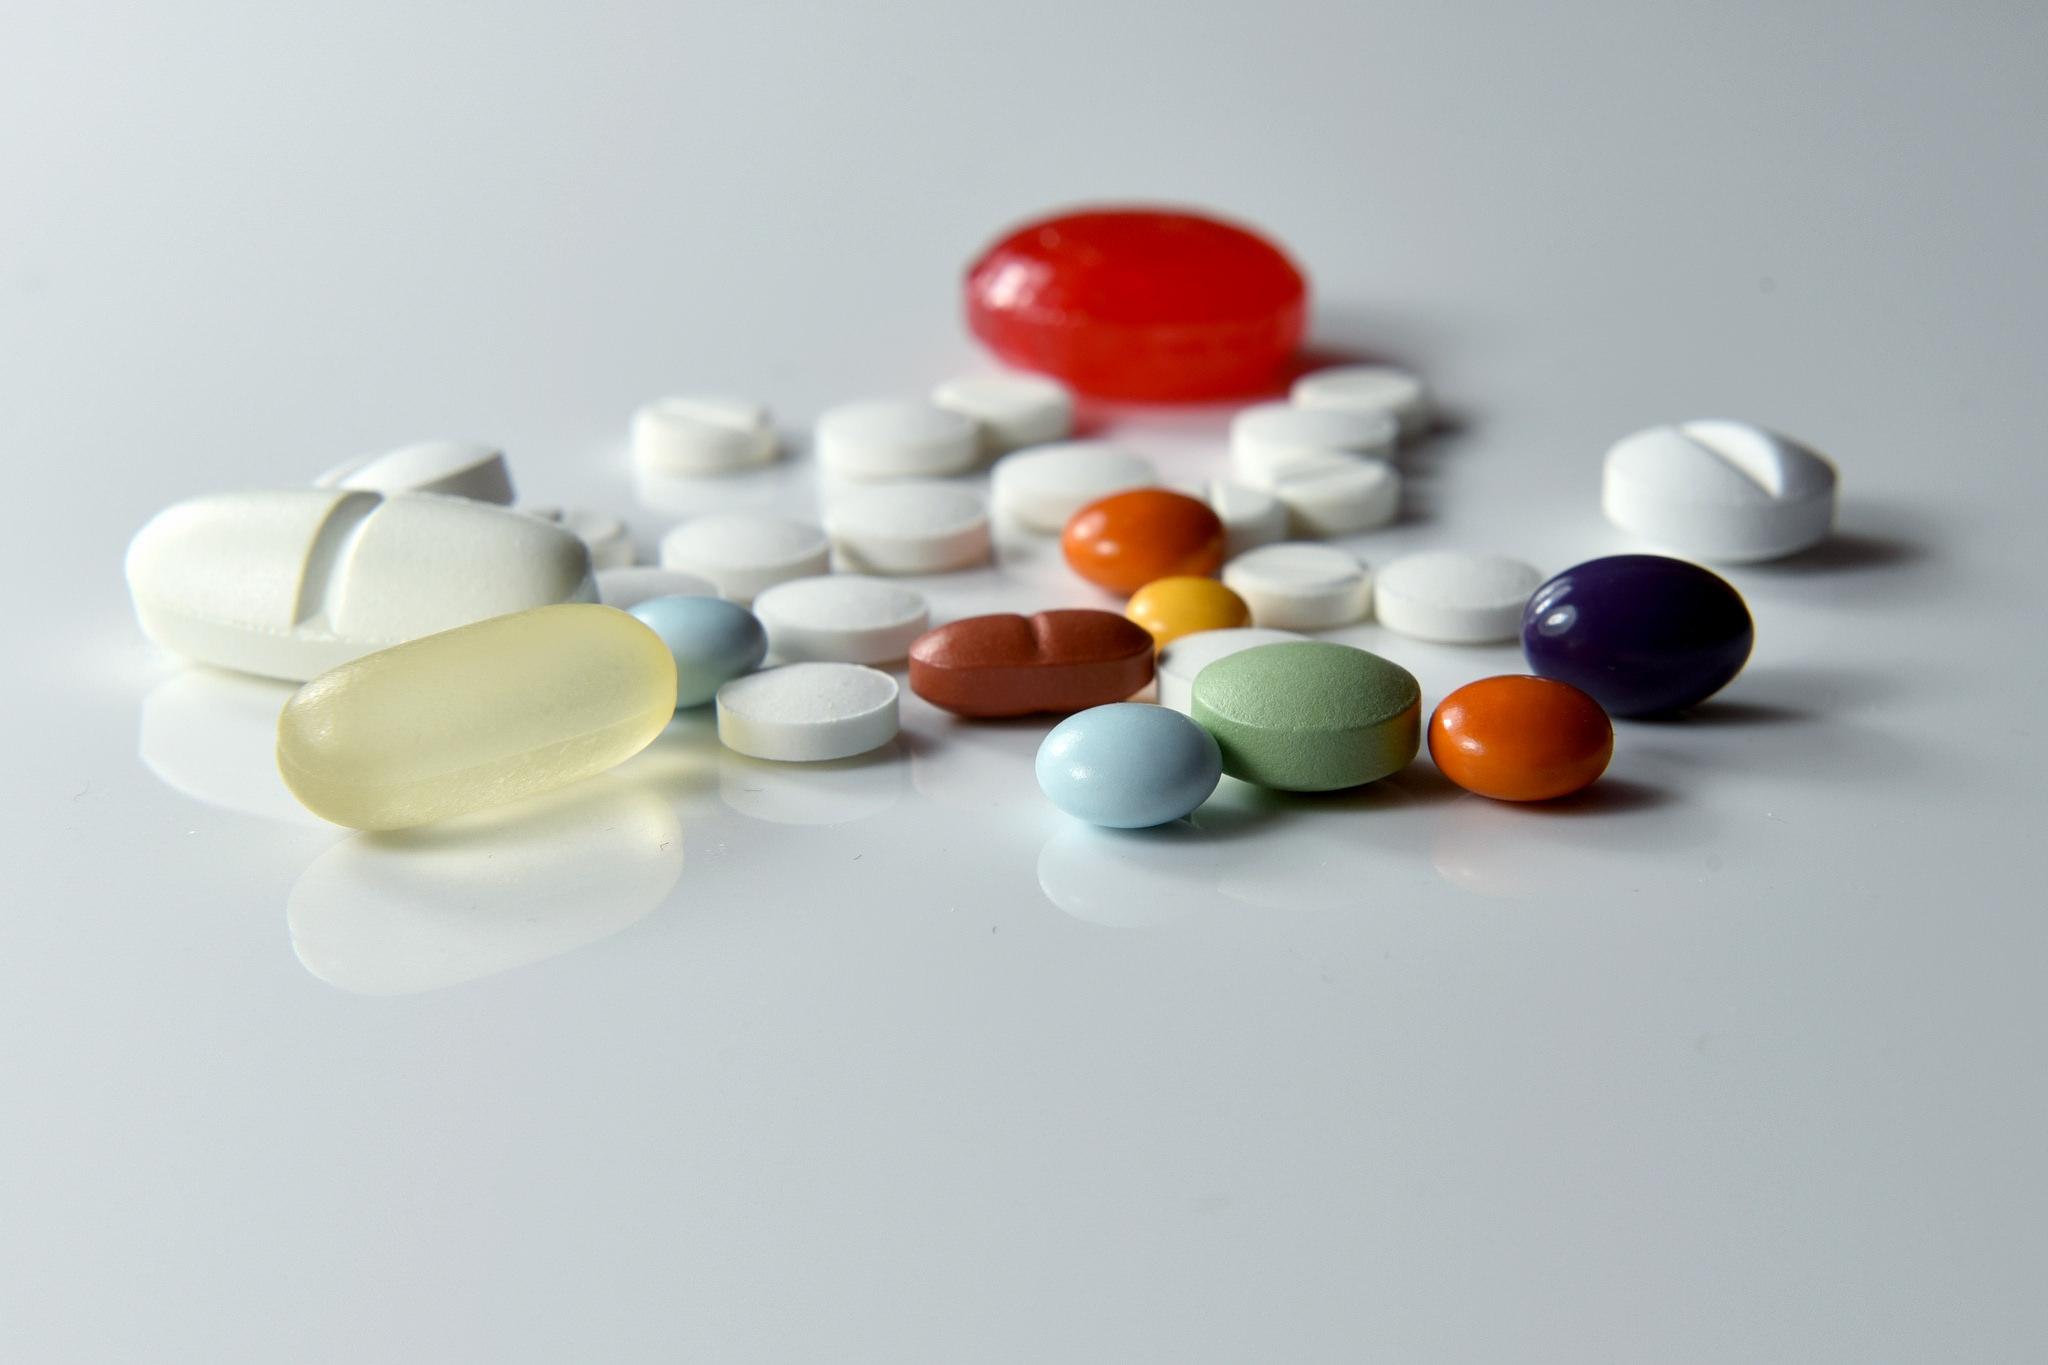 Wenige Arzneimittel gegen seltene Krankheiten haben nach Ansicht der Krankenkassen einen wirklichen Zusatznutzen.